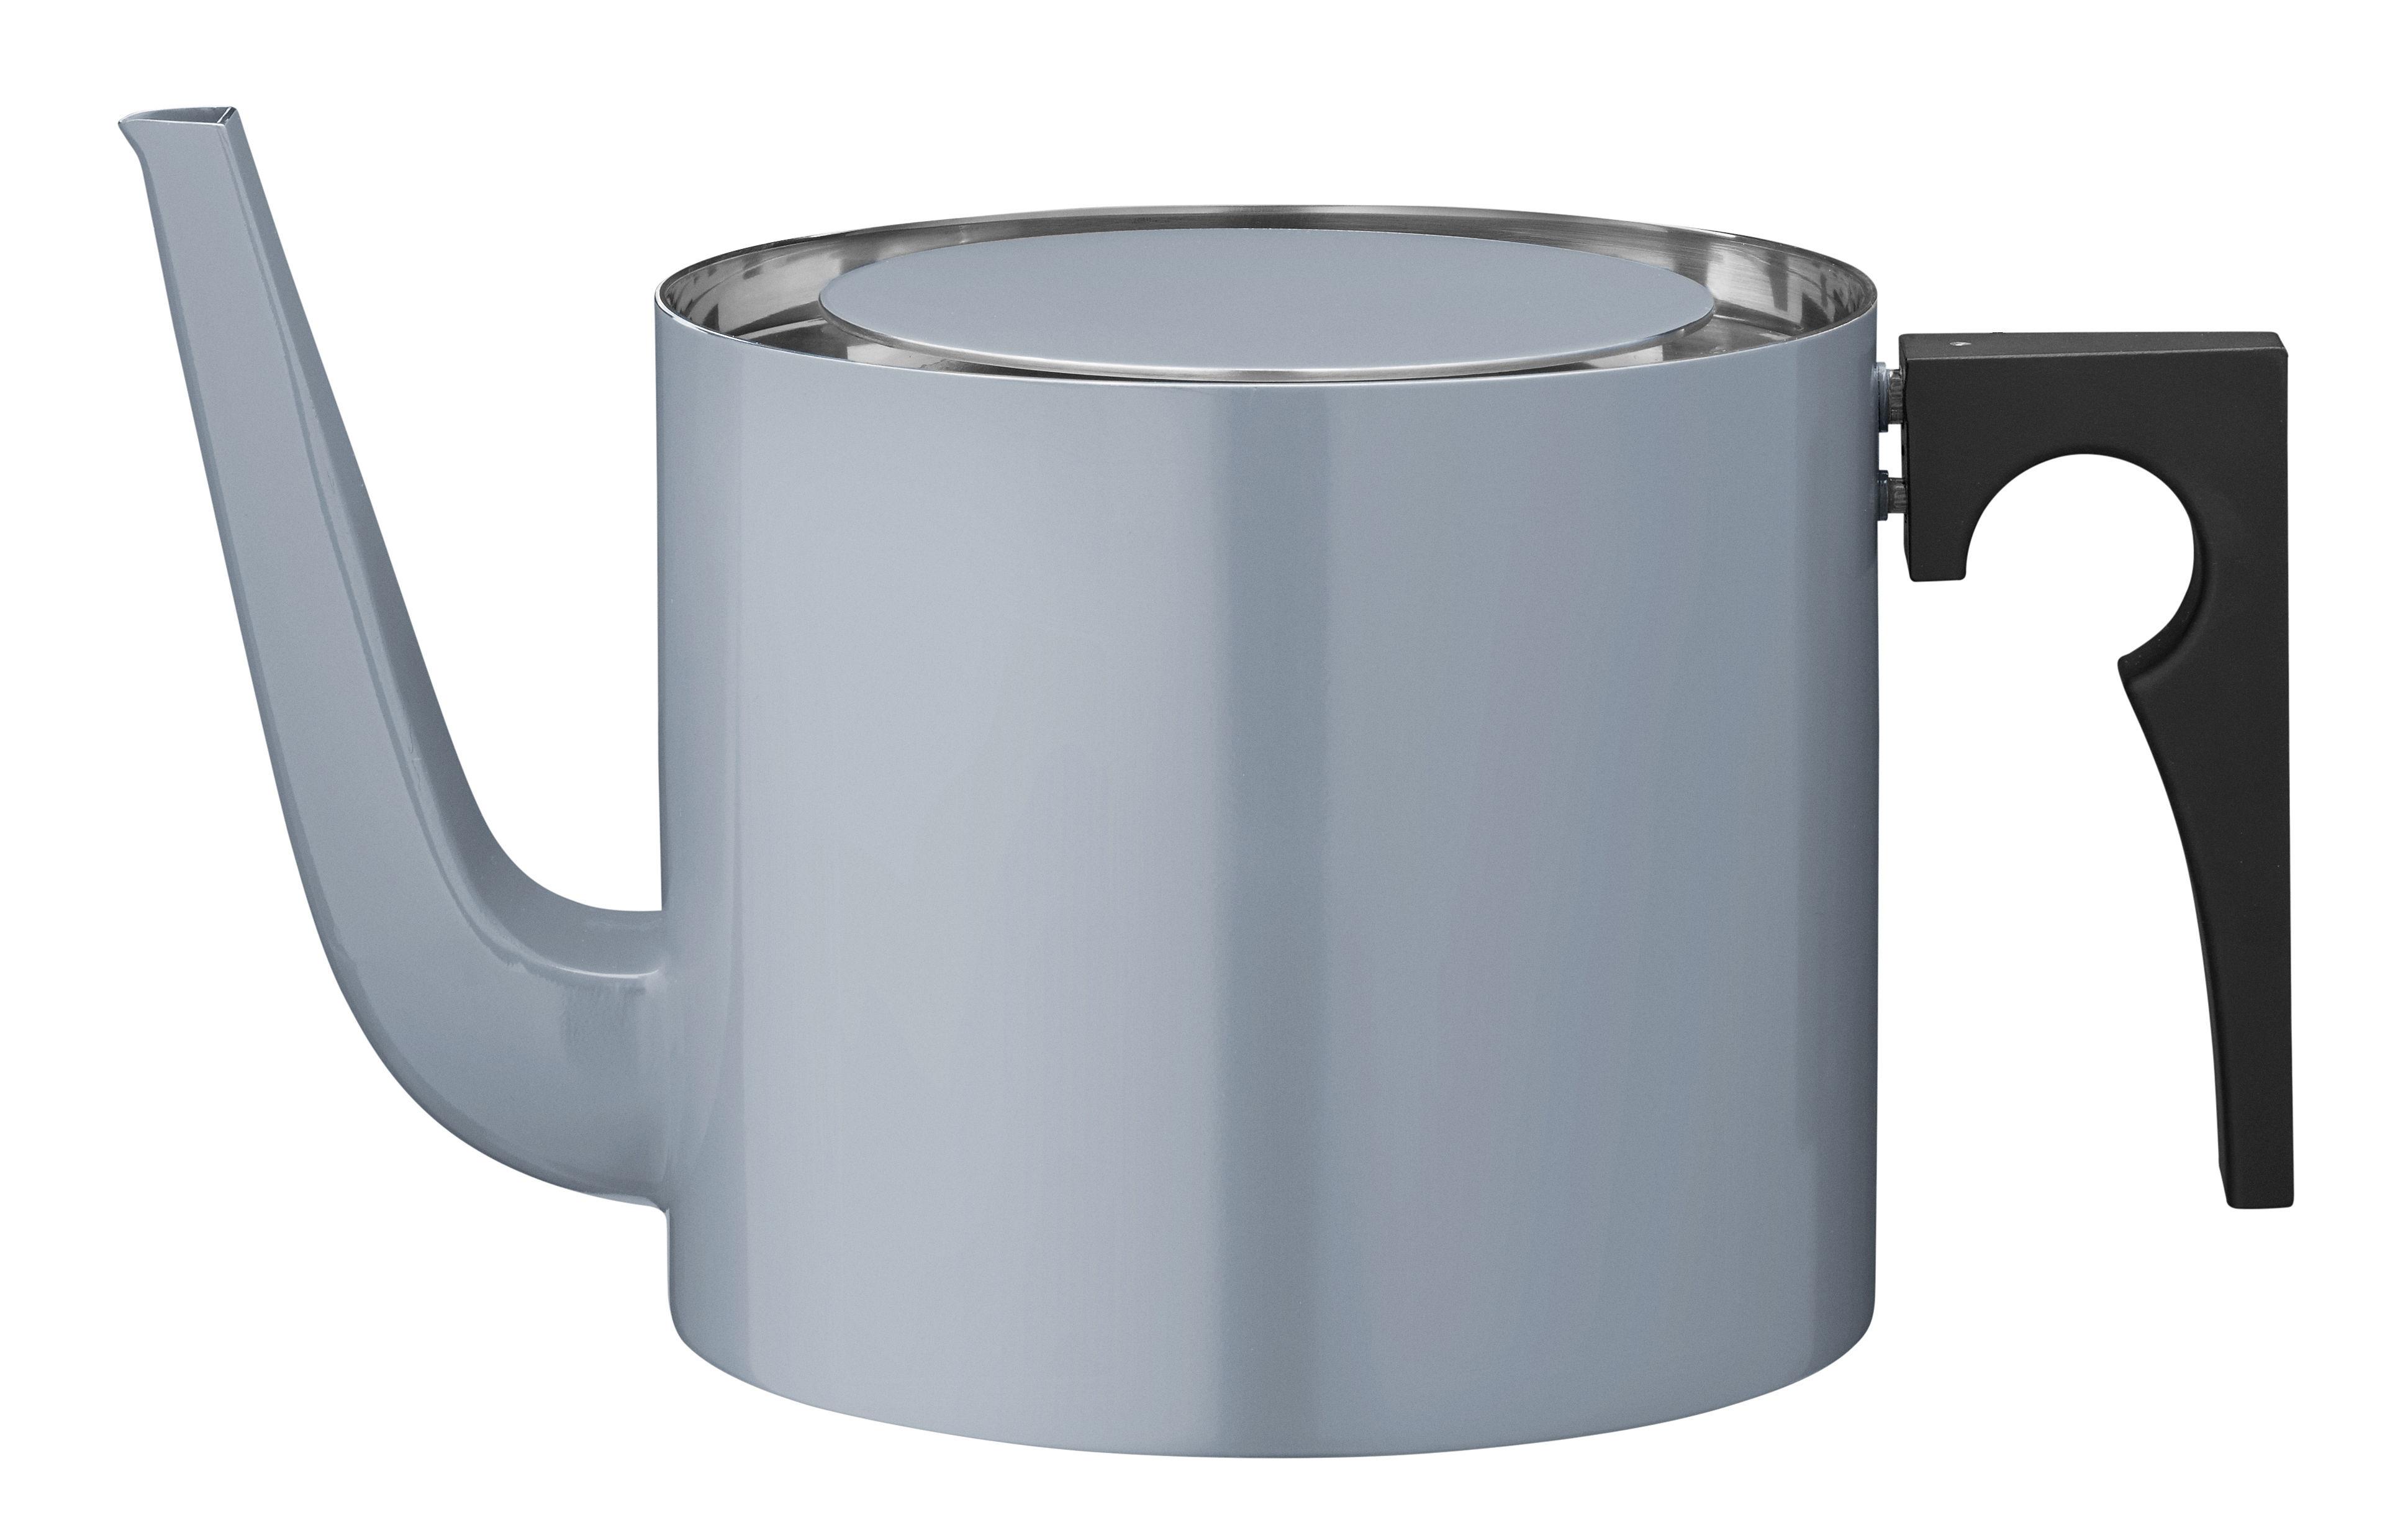 Tischkultur - Tee und Kaffee - Cylinda-Line Teekanne / 1,25 l - Arne Jacobsen 1967 - Stelton - Rauchblau - Bakelit, Stahl, rostfrei und emailliert